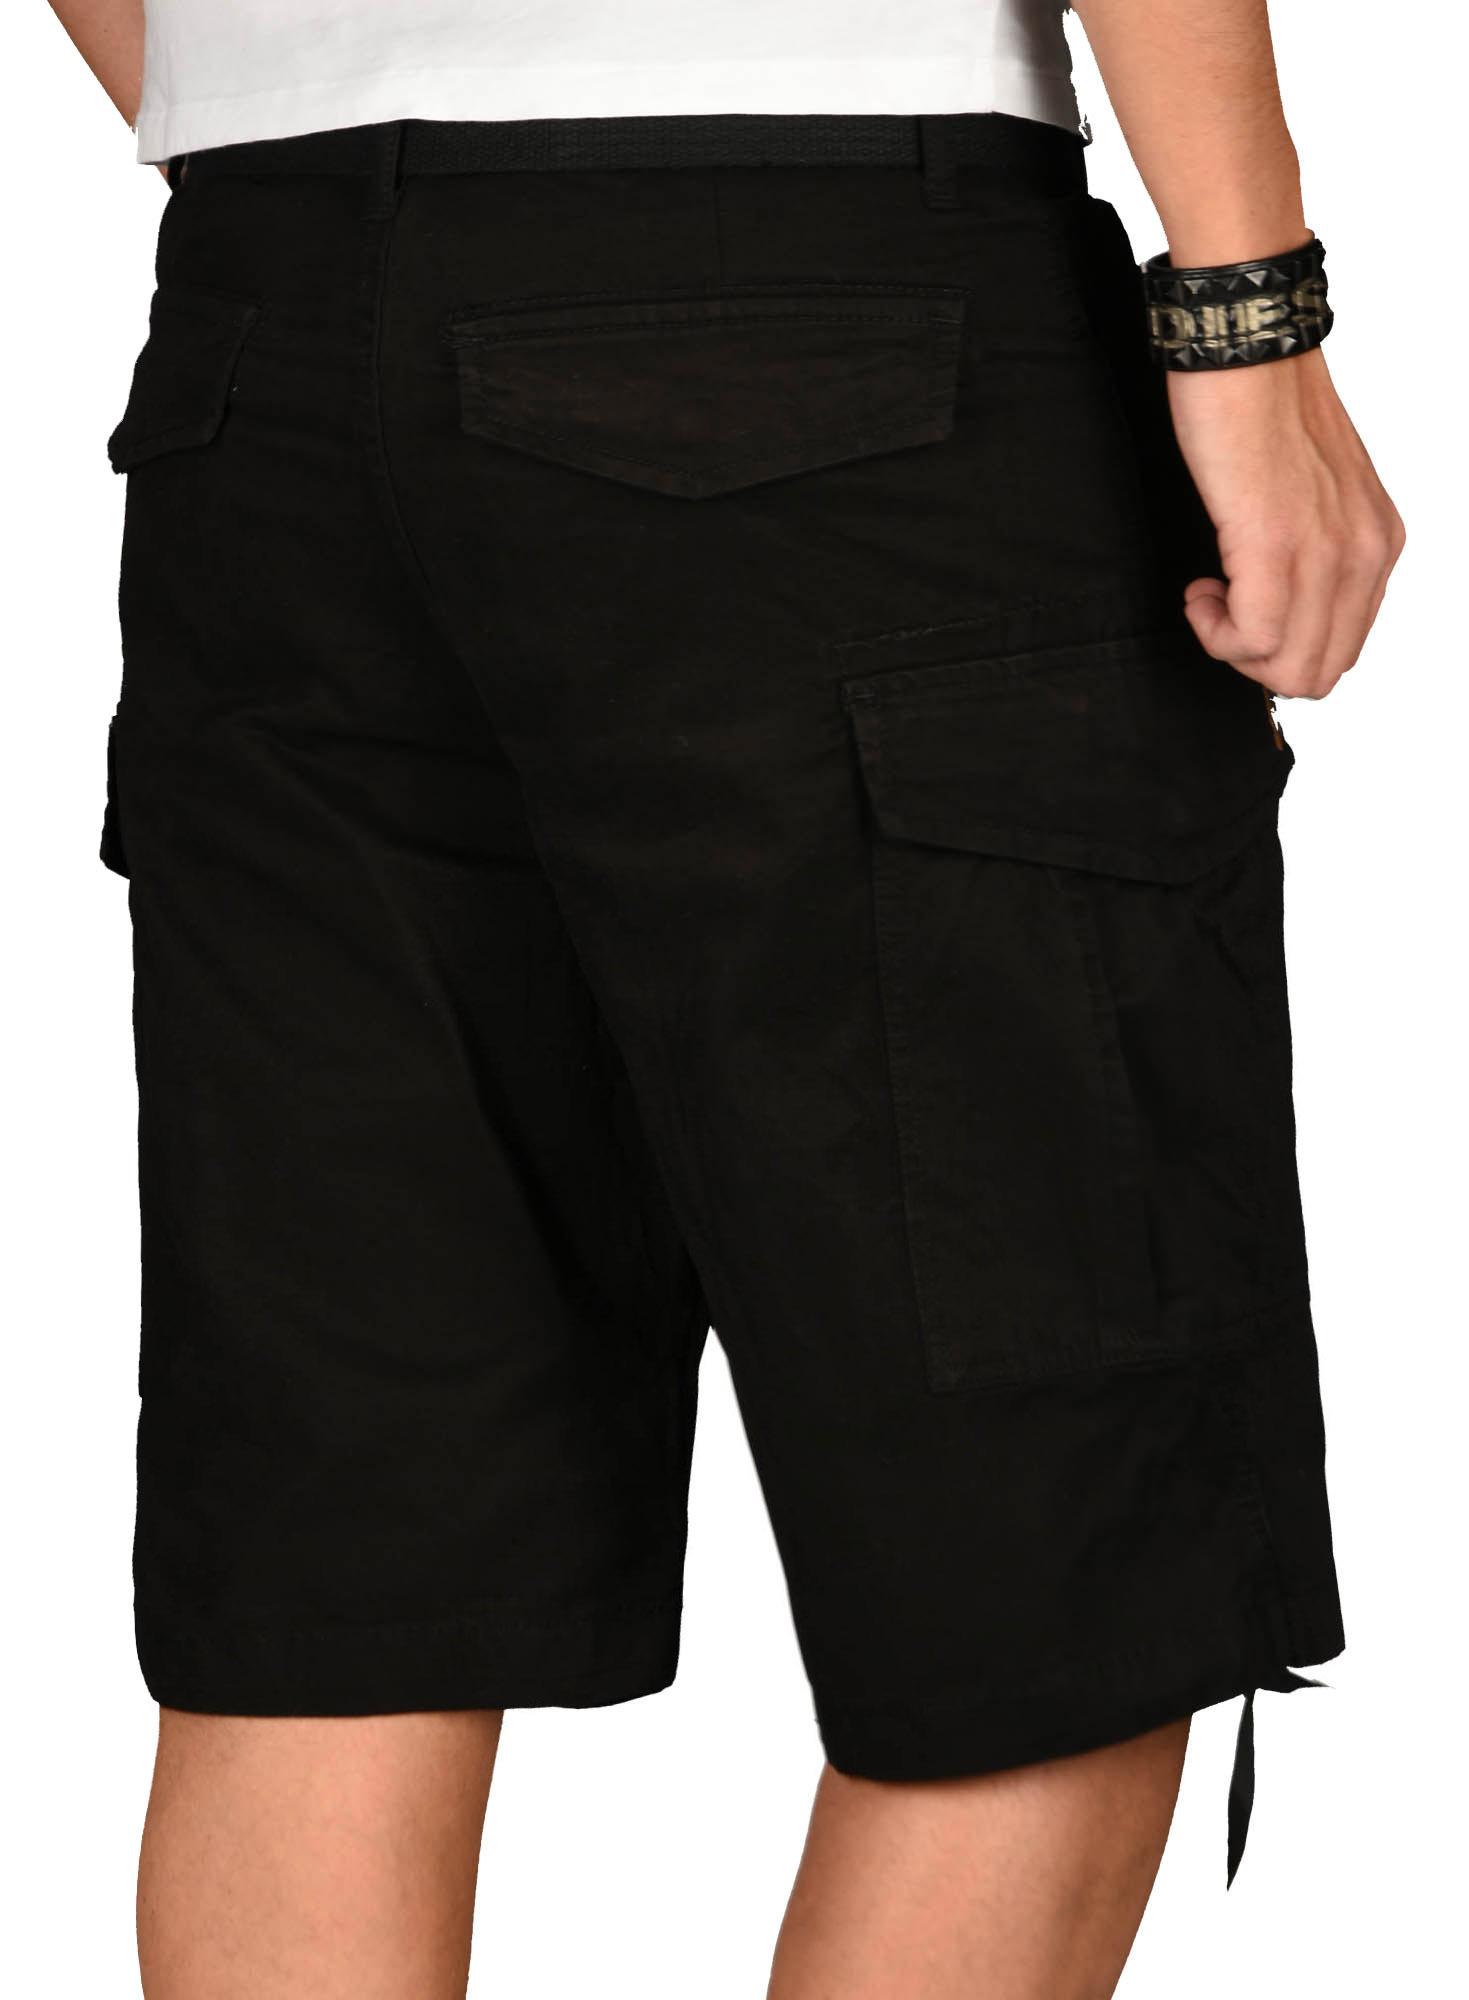 A-Salvarini-Herren-Comfort-Cargo-Shorts-Cargoshorts-kurze-Hose-Guertel-AS133-NEU Indexbild 4